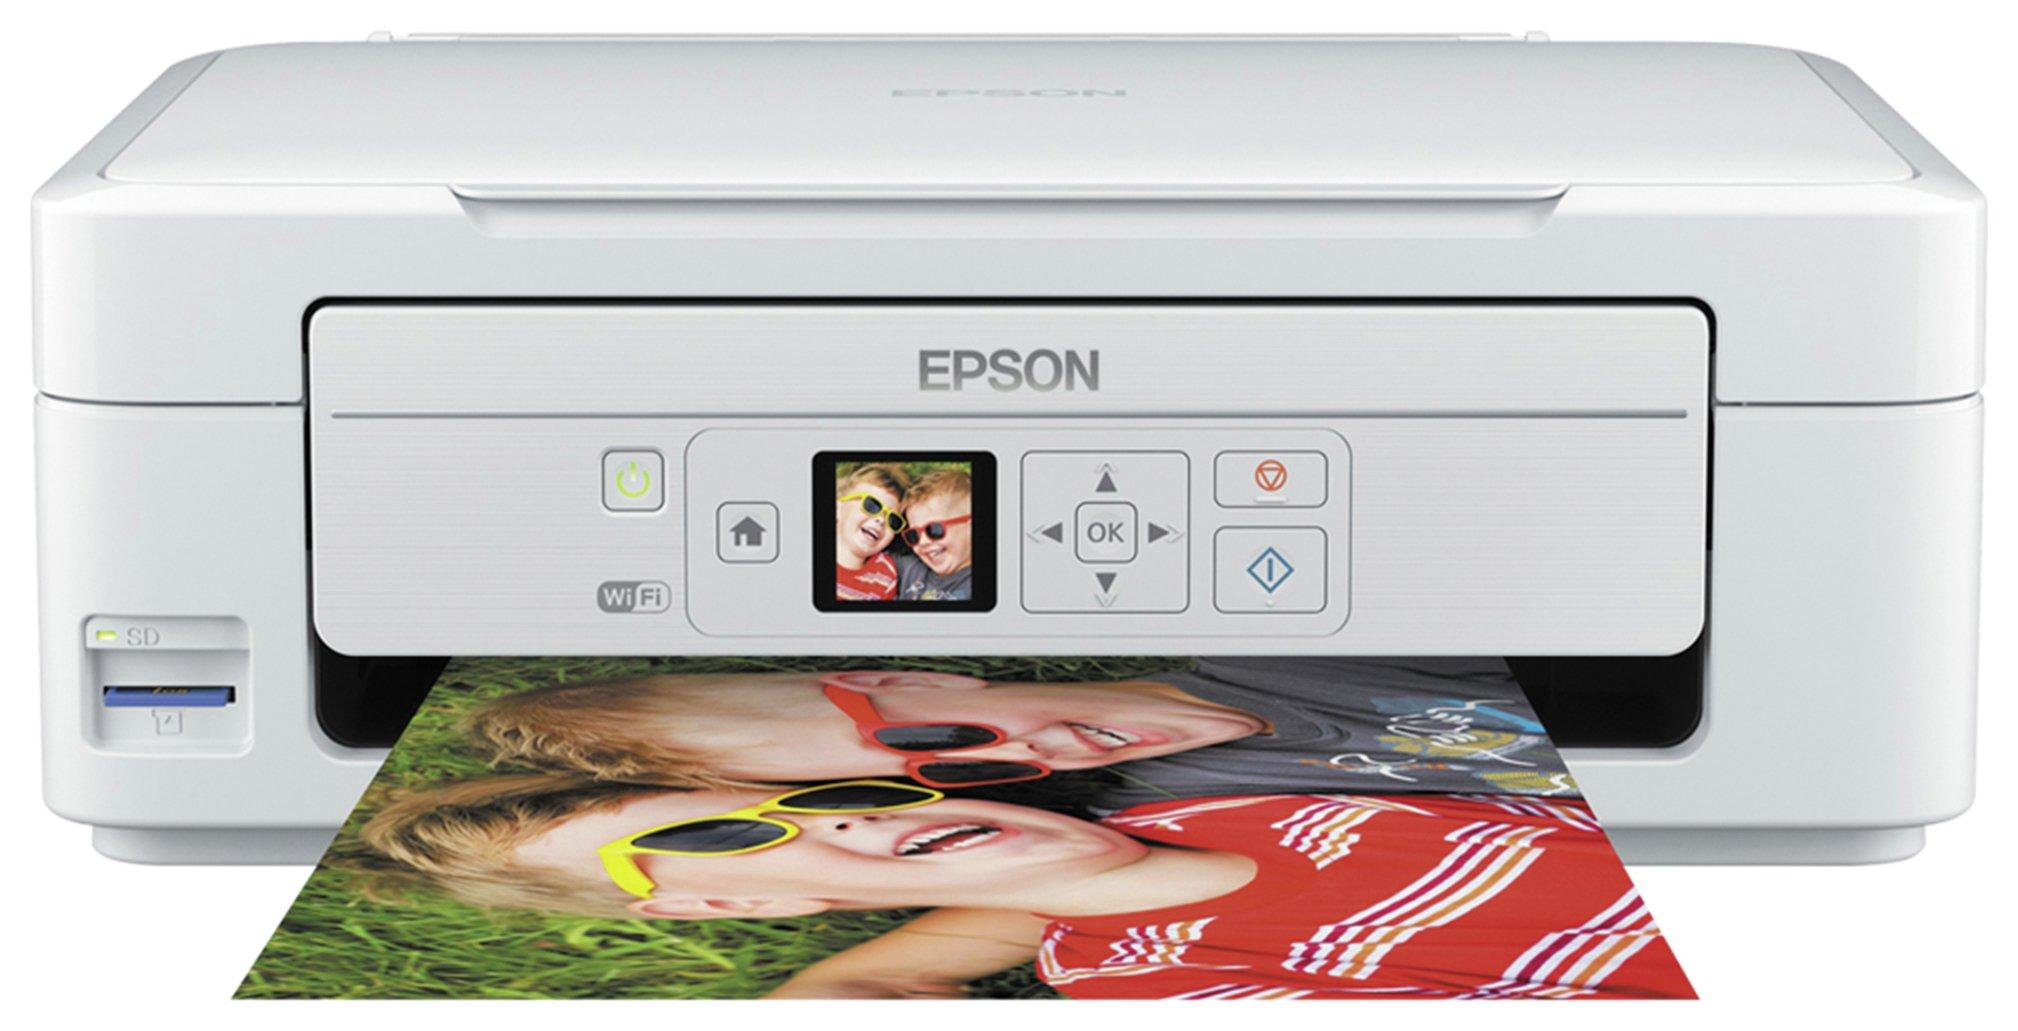 Epson Epson - XP-335 Printer